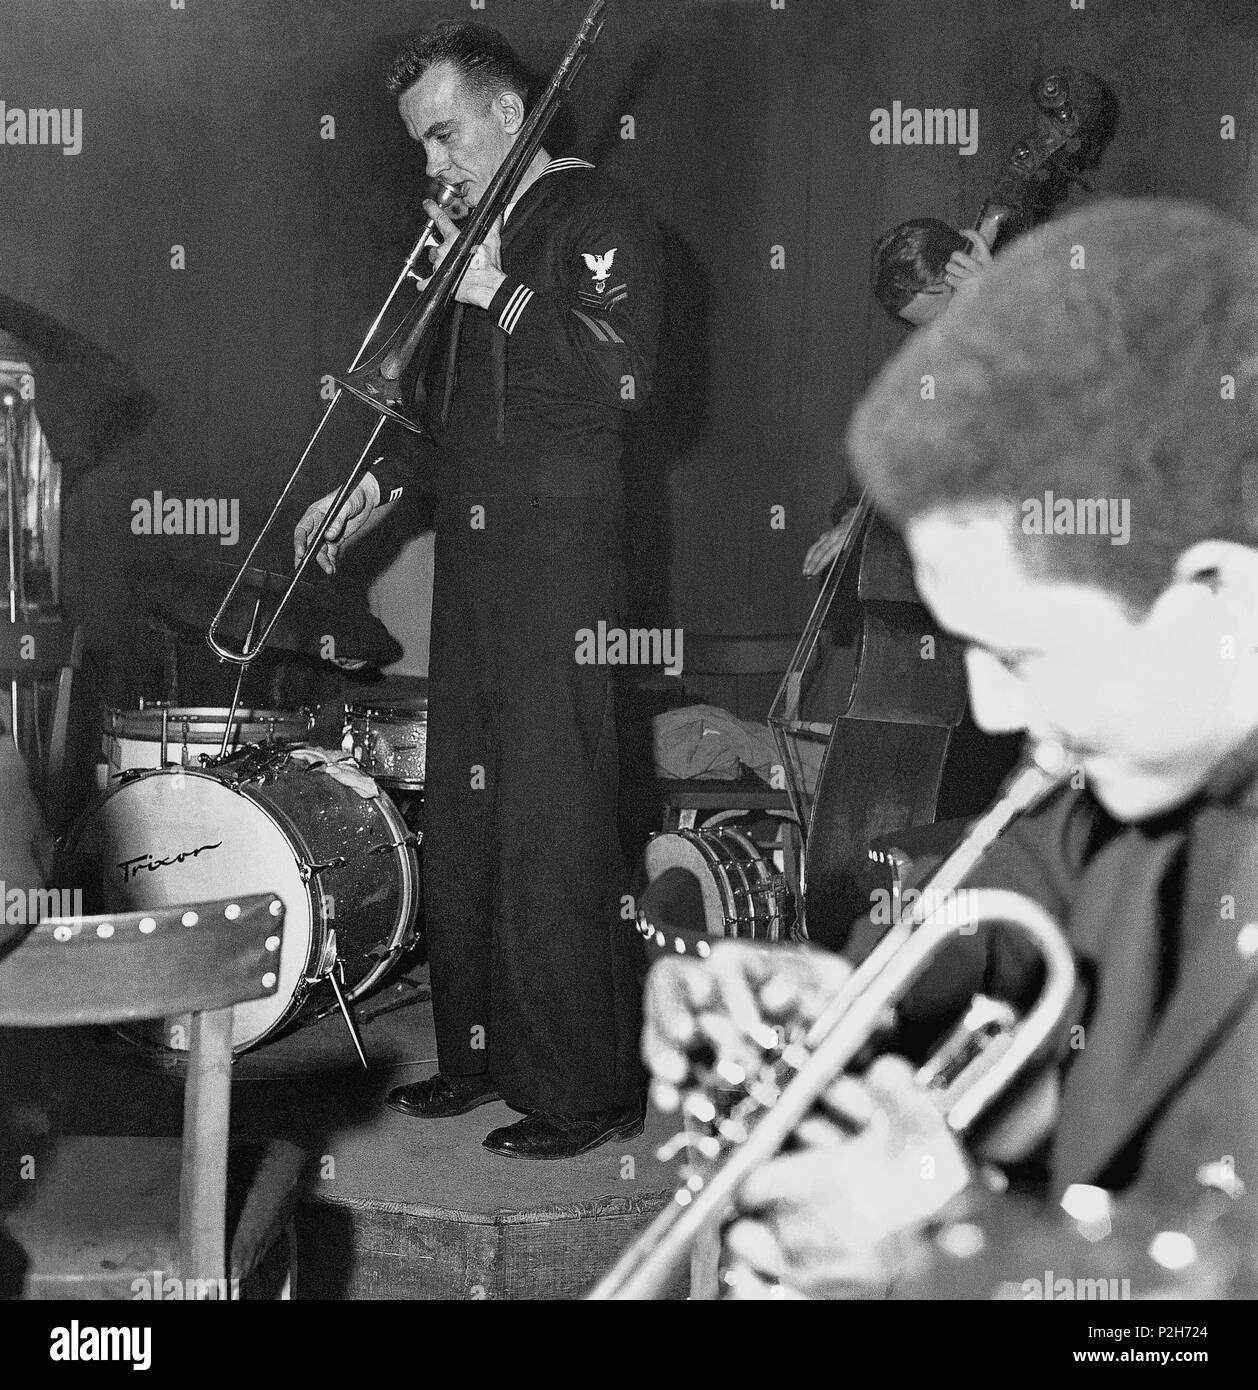 4a885dea8 Concierto de jazz en la sala Jamboree. Barcelona, principios de los ...